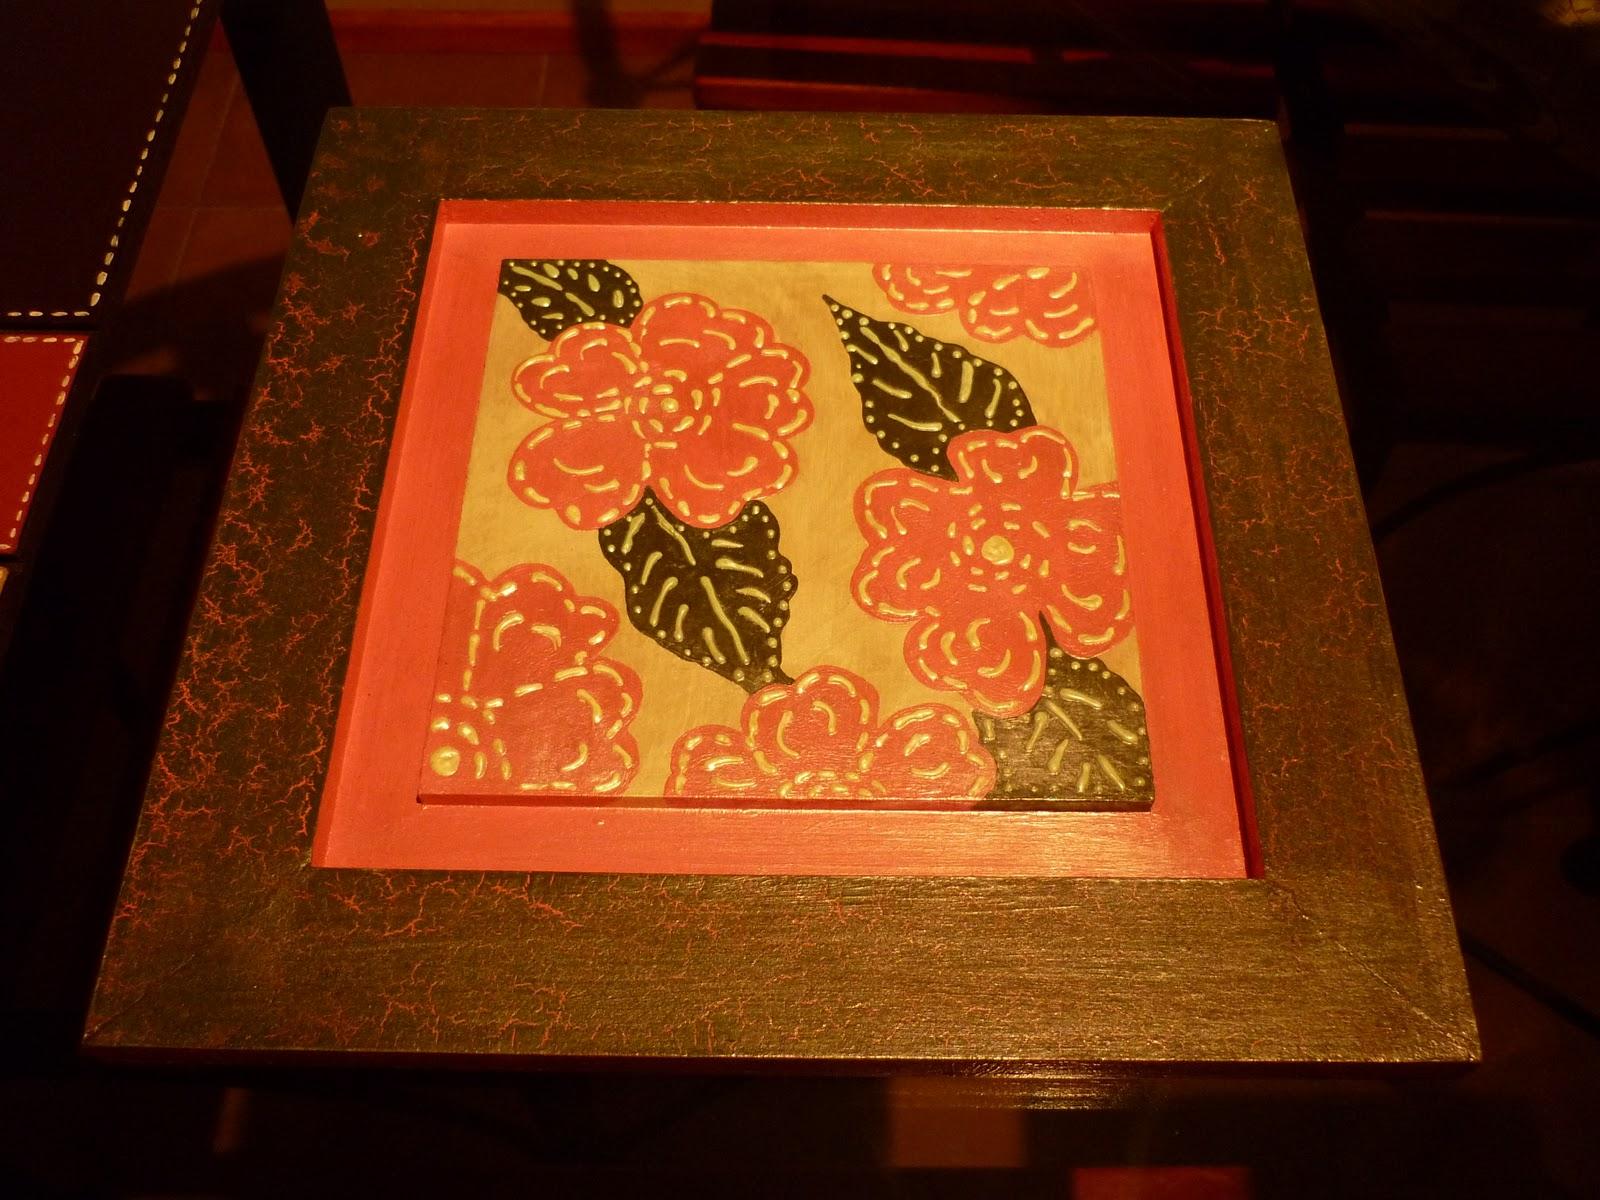 Manualidades pintura en madera con relieve - Pintura para lacar madera ...